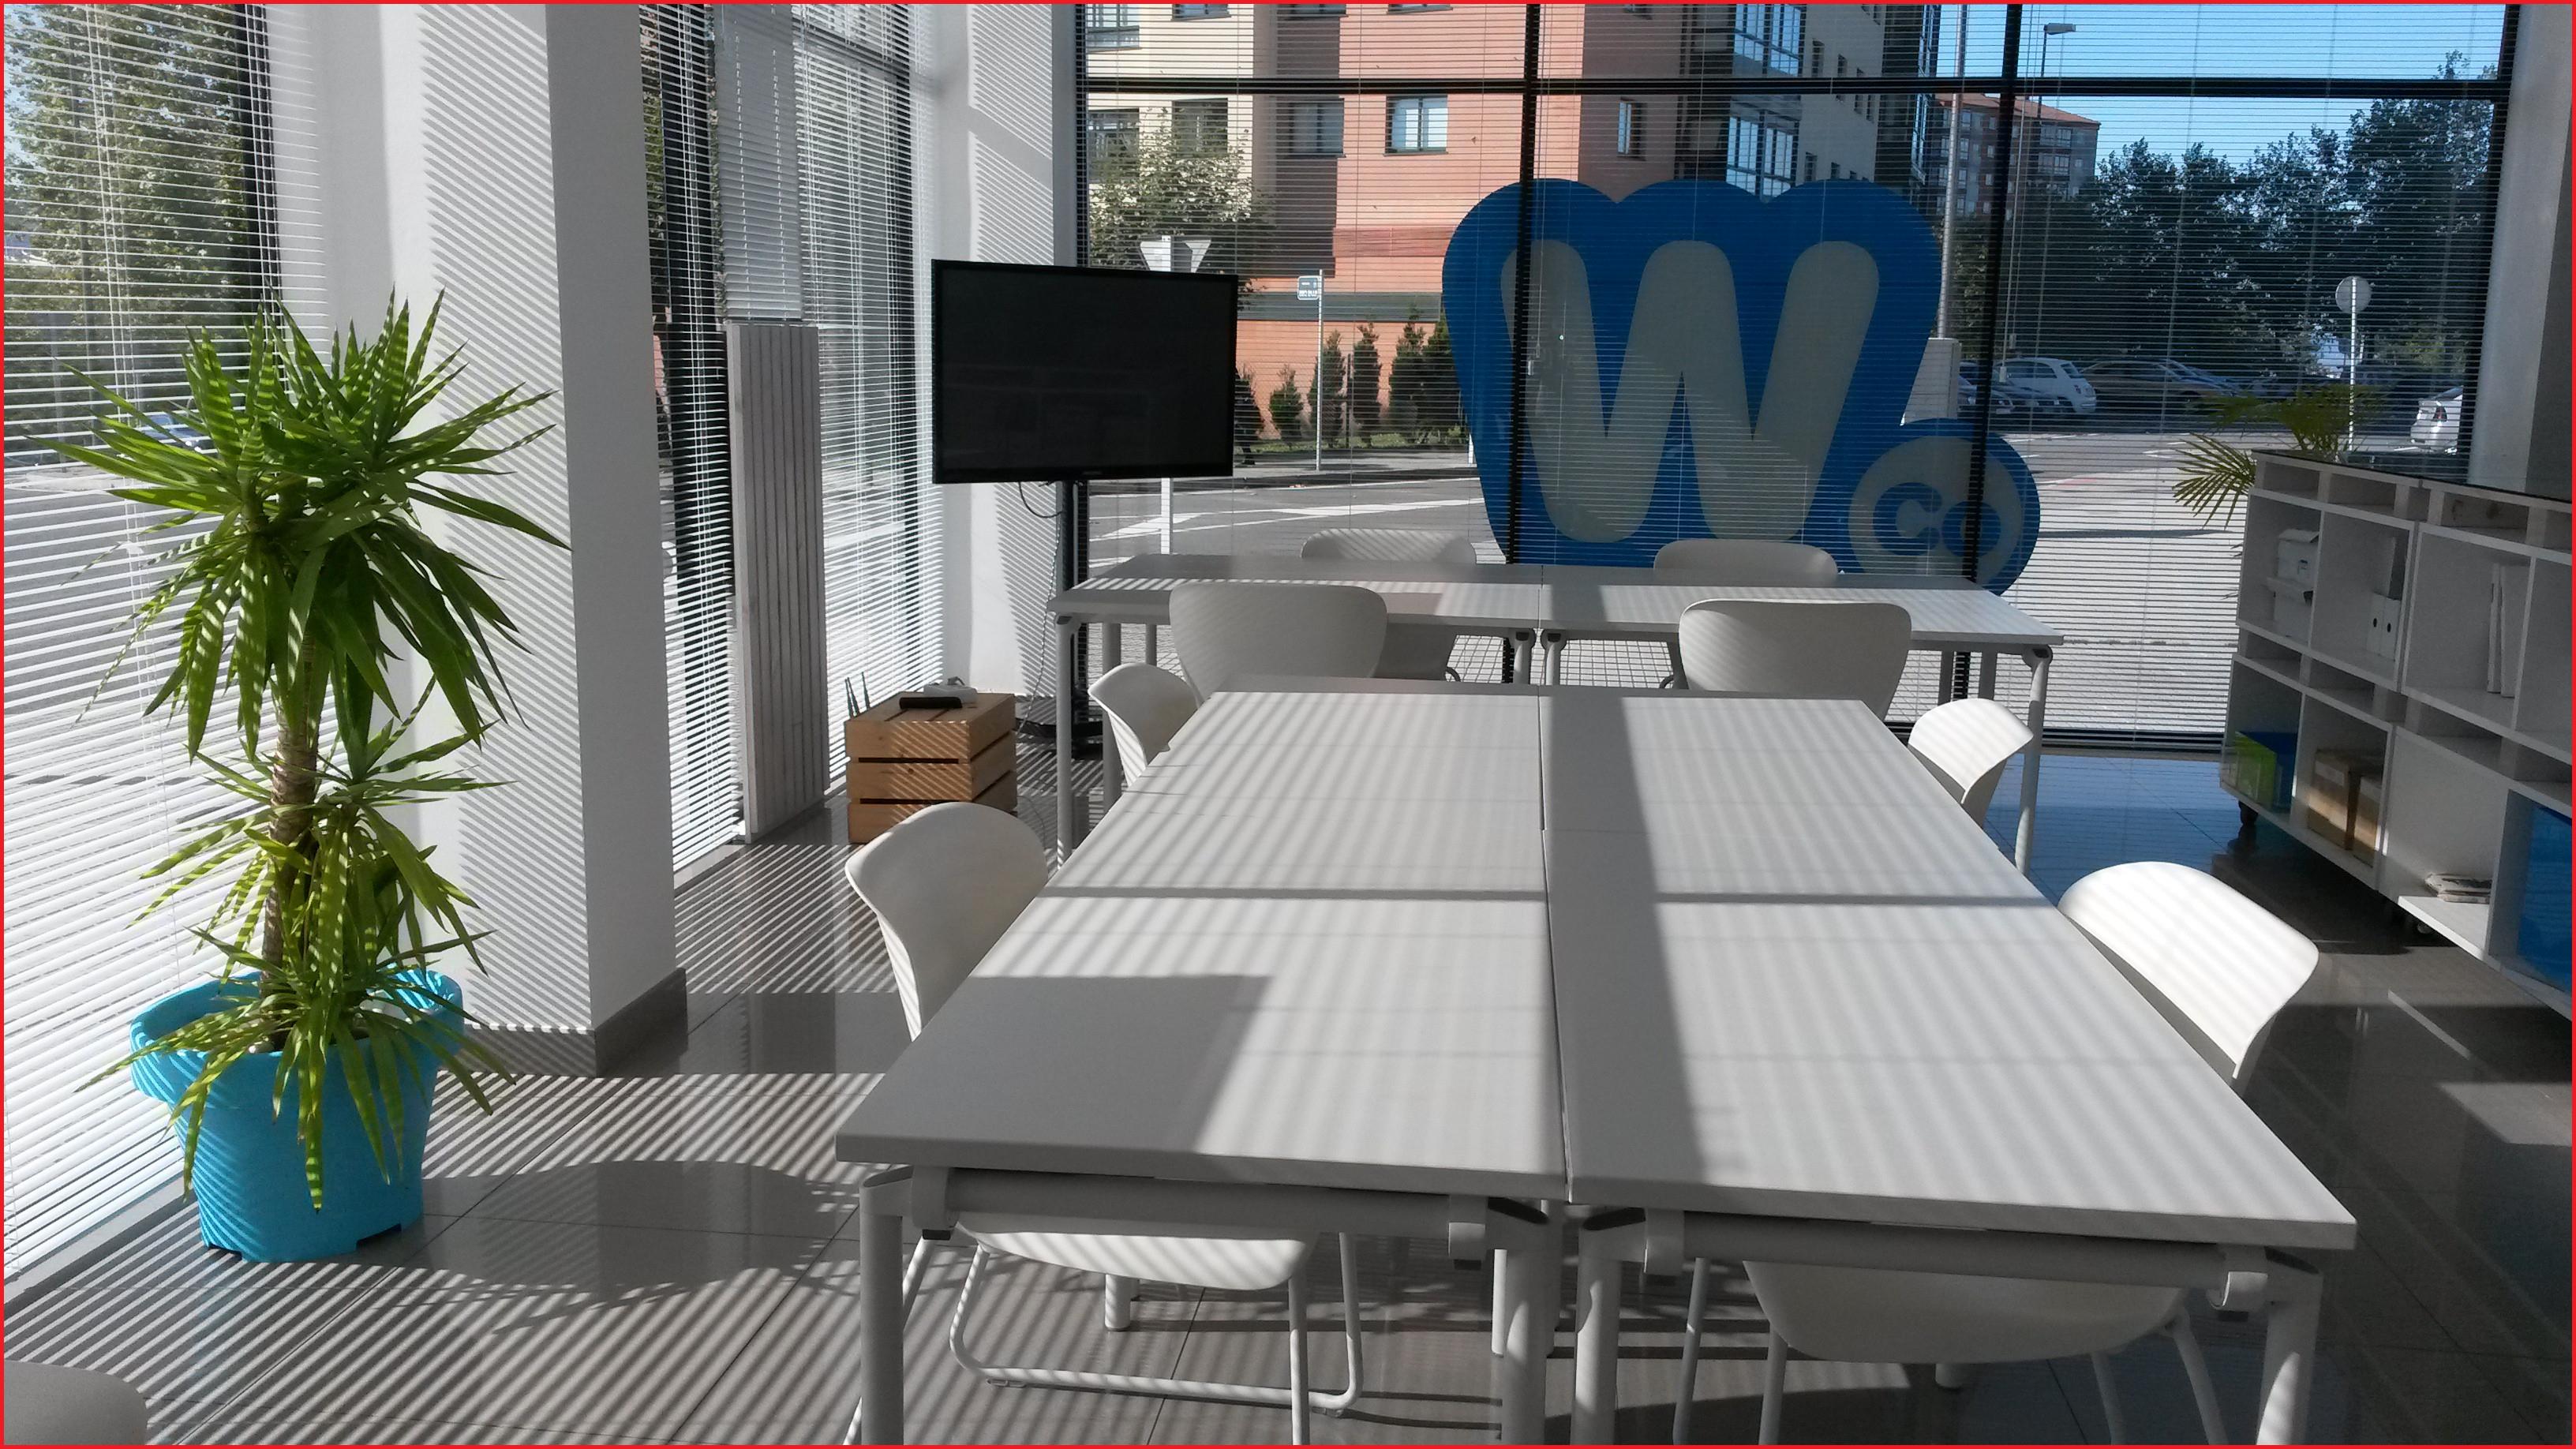 Muebles De Segunda Mano Coruña Tldn Muebles Coruà A Fice Space In Avda Novo Mesoiro A CoruA